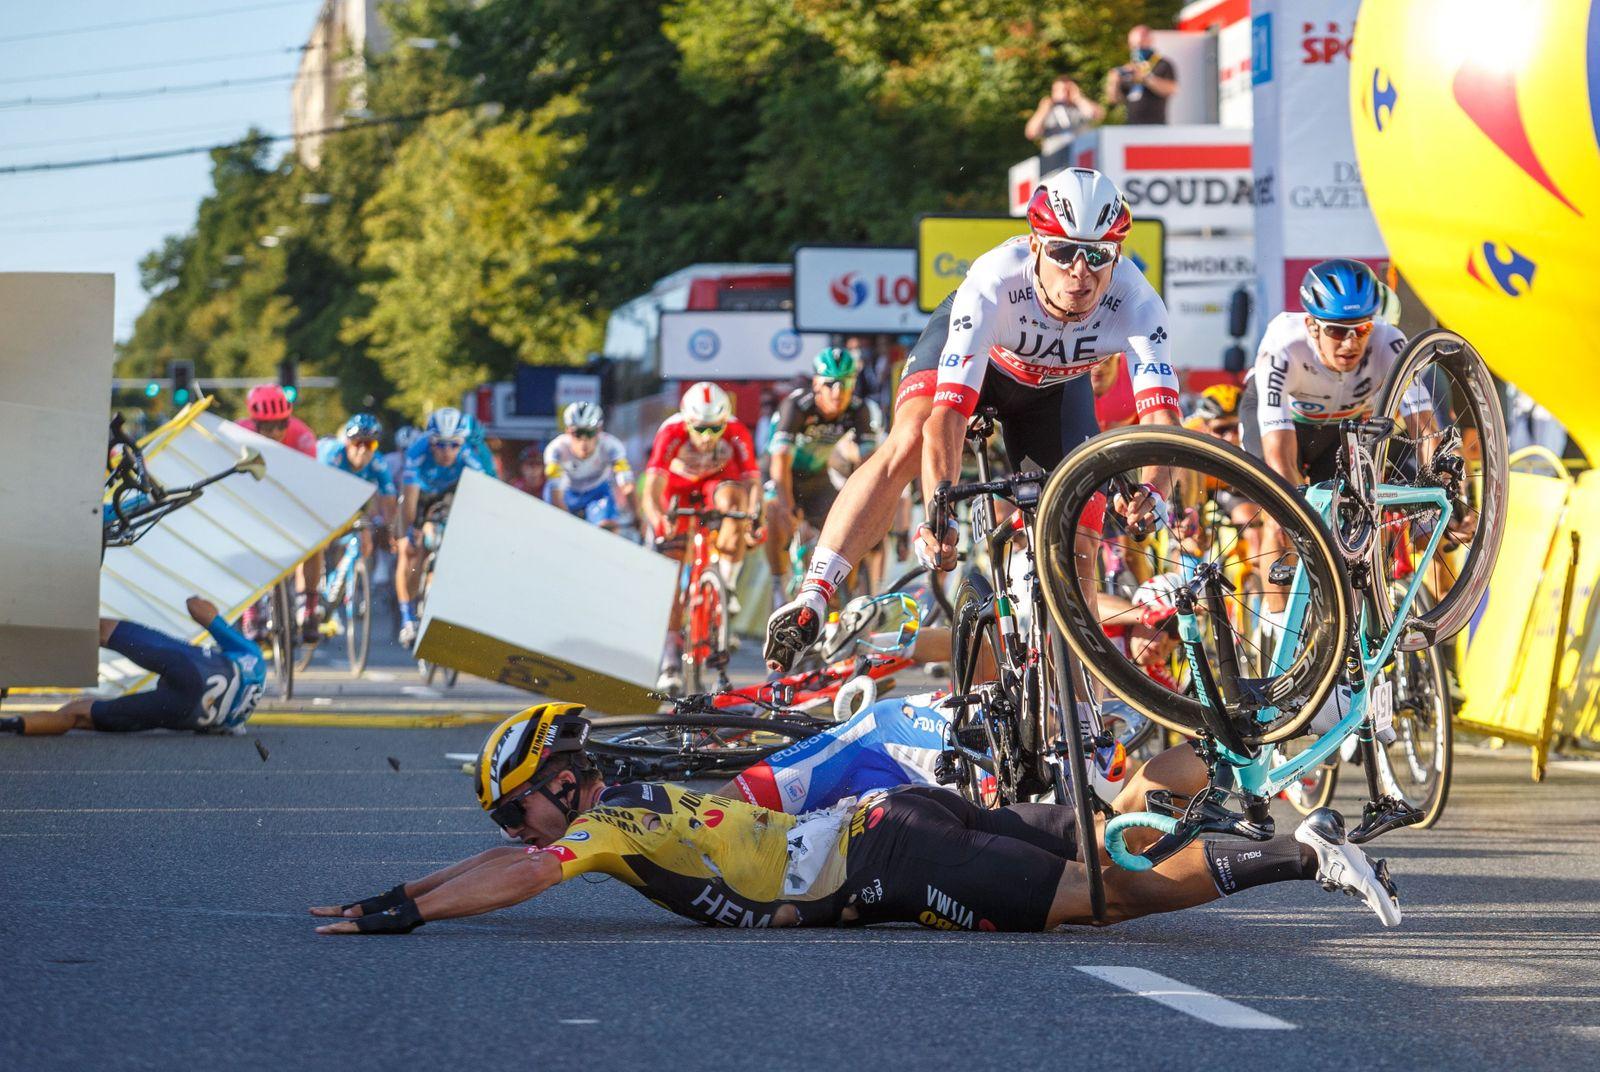 Tour de Pologne - 1st stage, Katowice, Poland - 05 Aug 2020